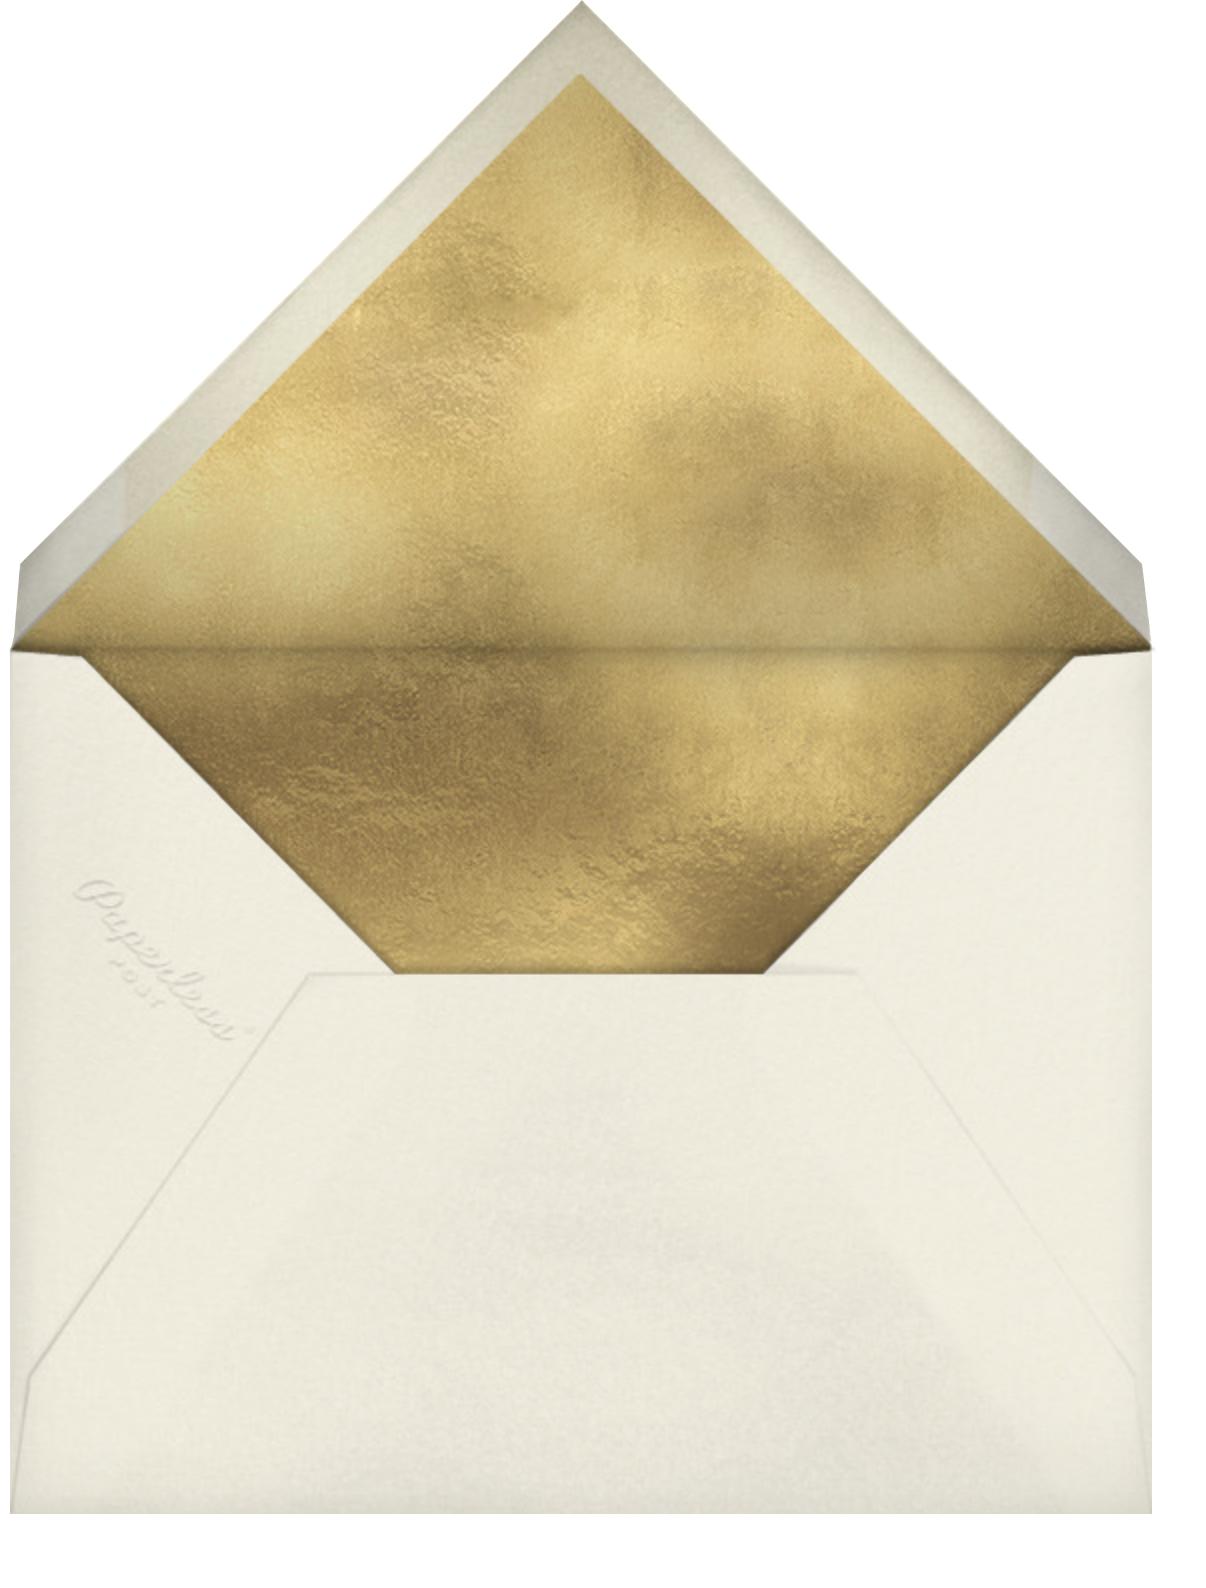 Fine Loops (Invitation) - Schumacher - Envelope